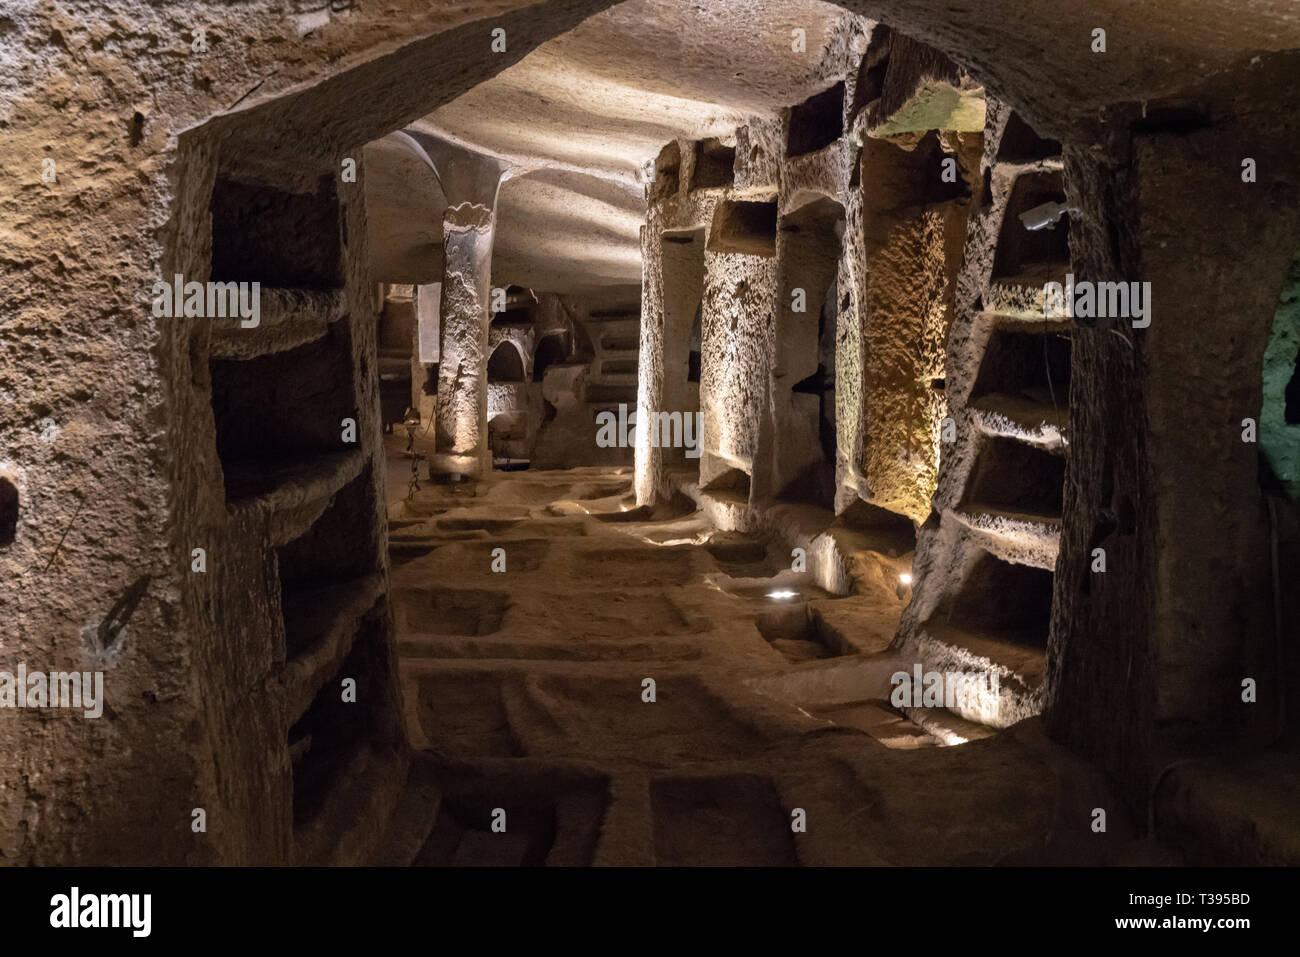 Catacombe di San Gennaro, rione Sanità, visita guidata Foto Stock